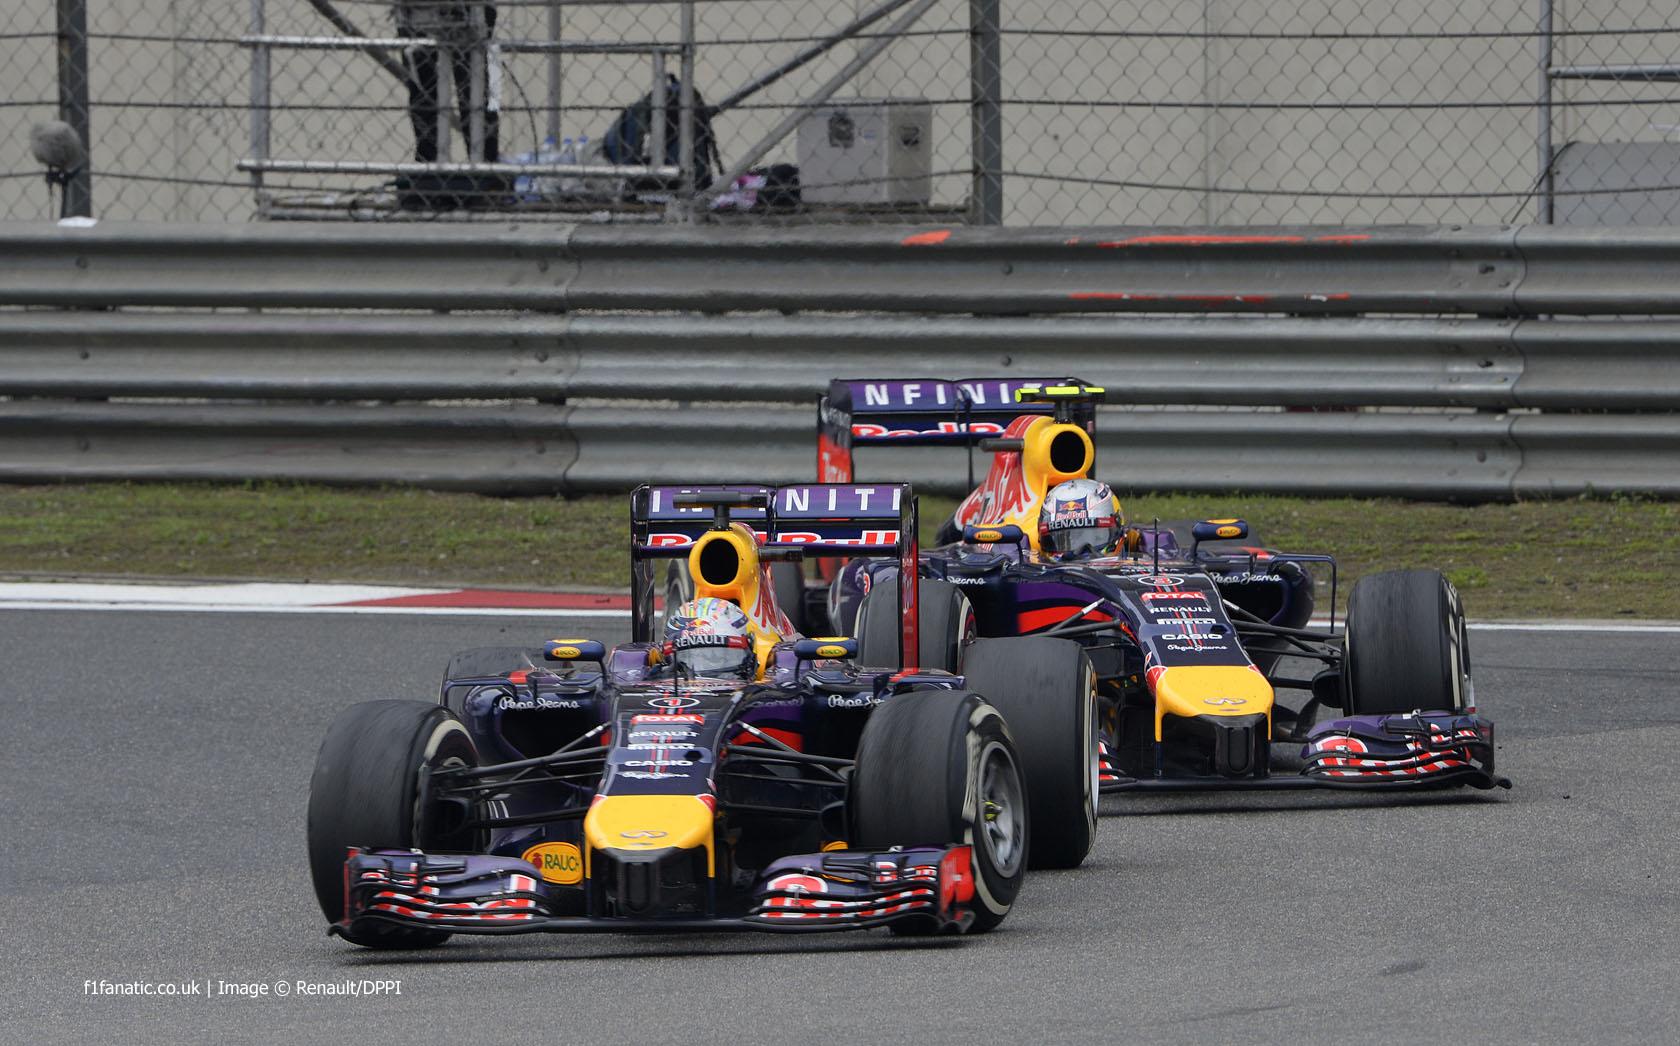 Sebastian Vettel, Daniel Ricciardo, Red Bull, Shanghai International Circuit, 2014